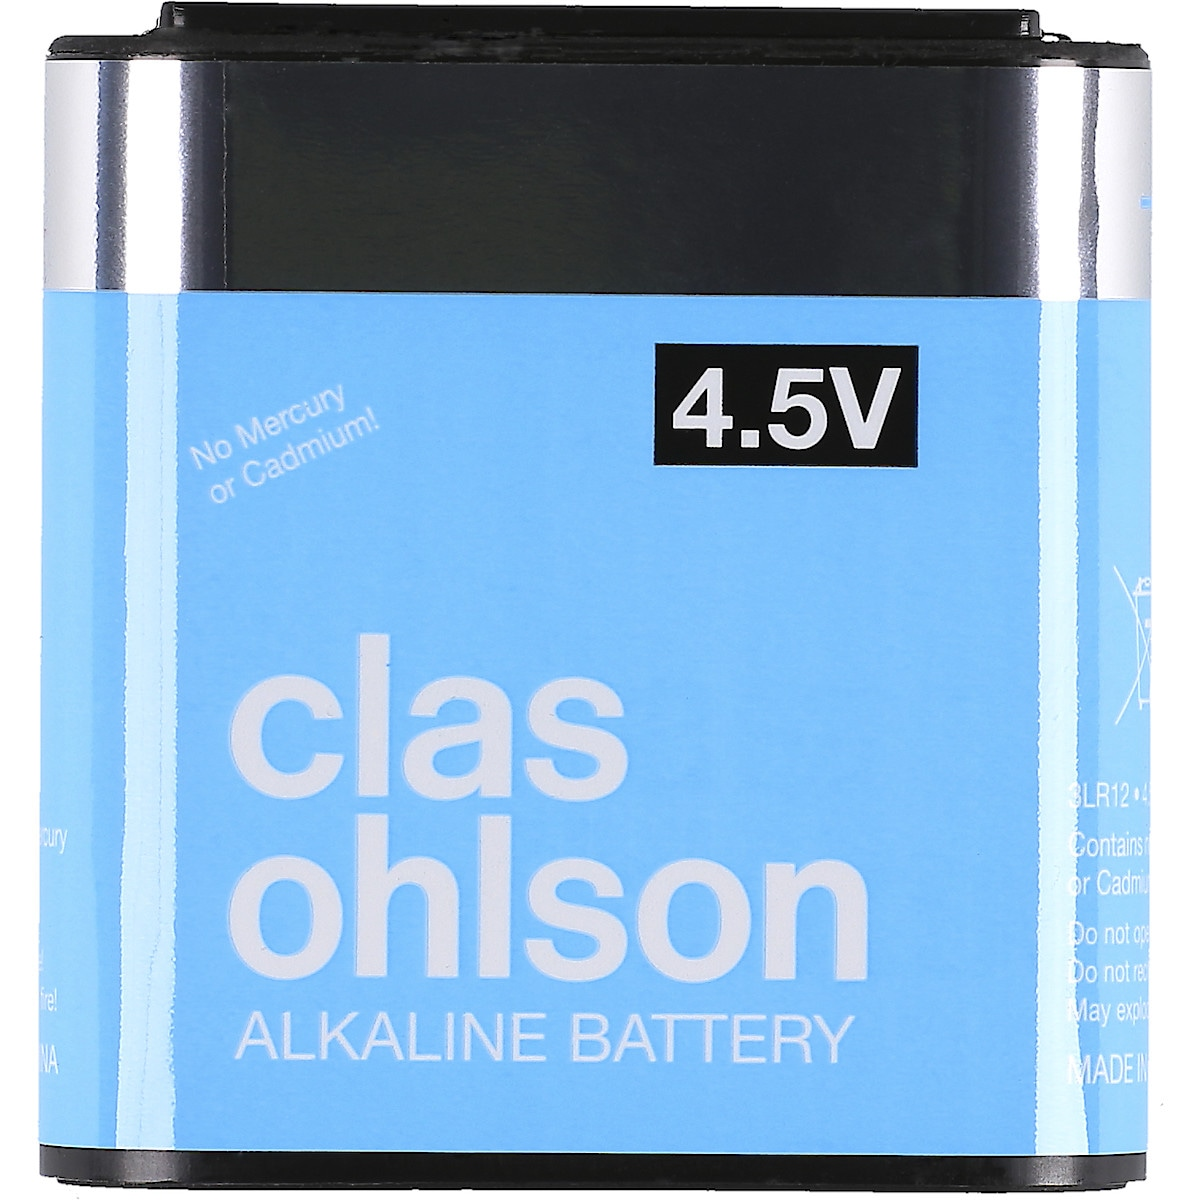 Alkaliskt batteri 3LR12